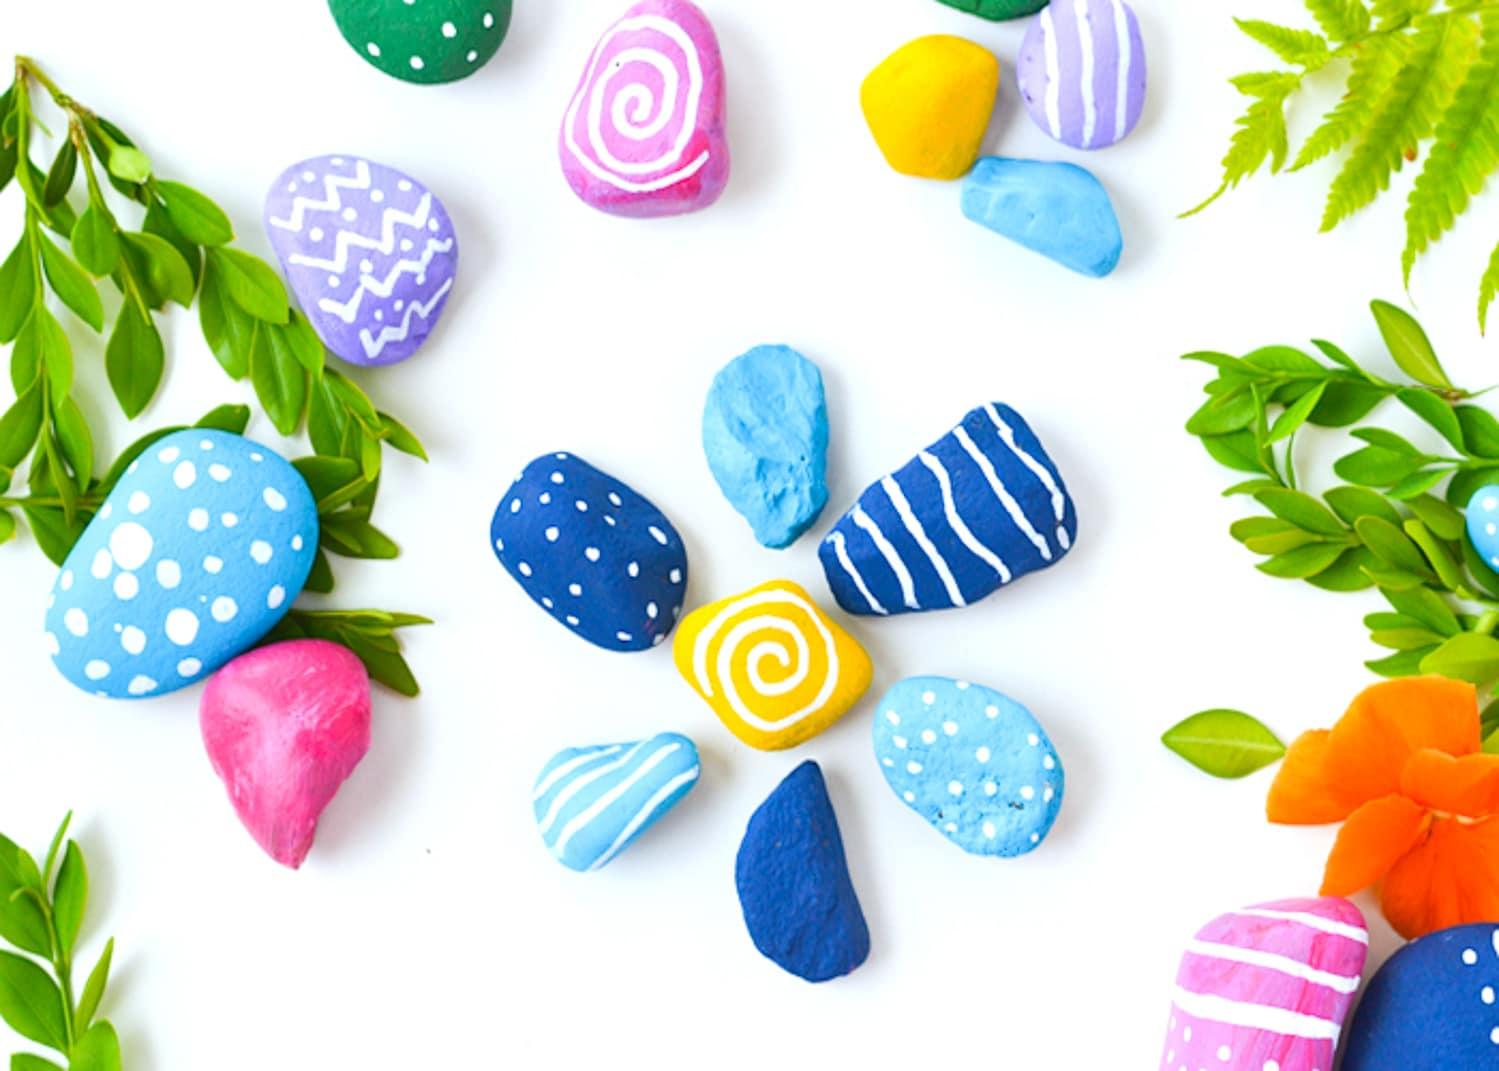 comment faire des galets décorés, pierres décoration peinture et feutres, dessins multicolores, activité manuelle primaire, maternelle adutle